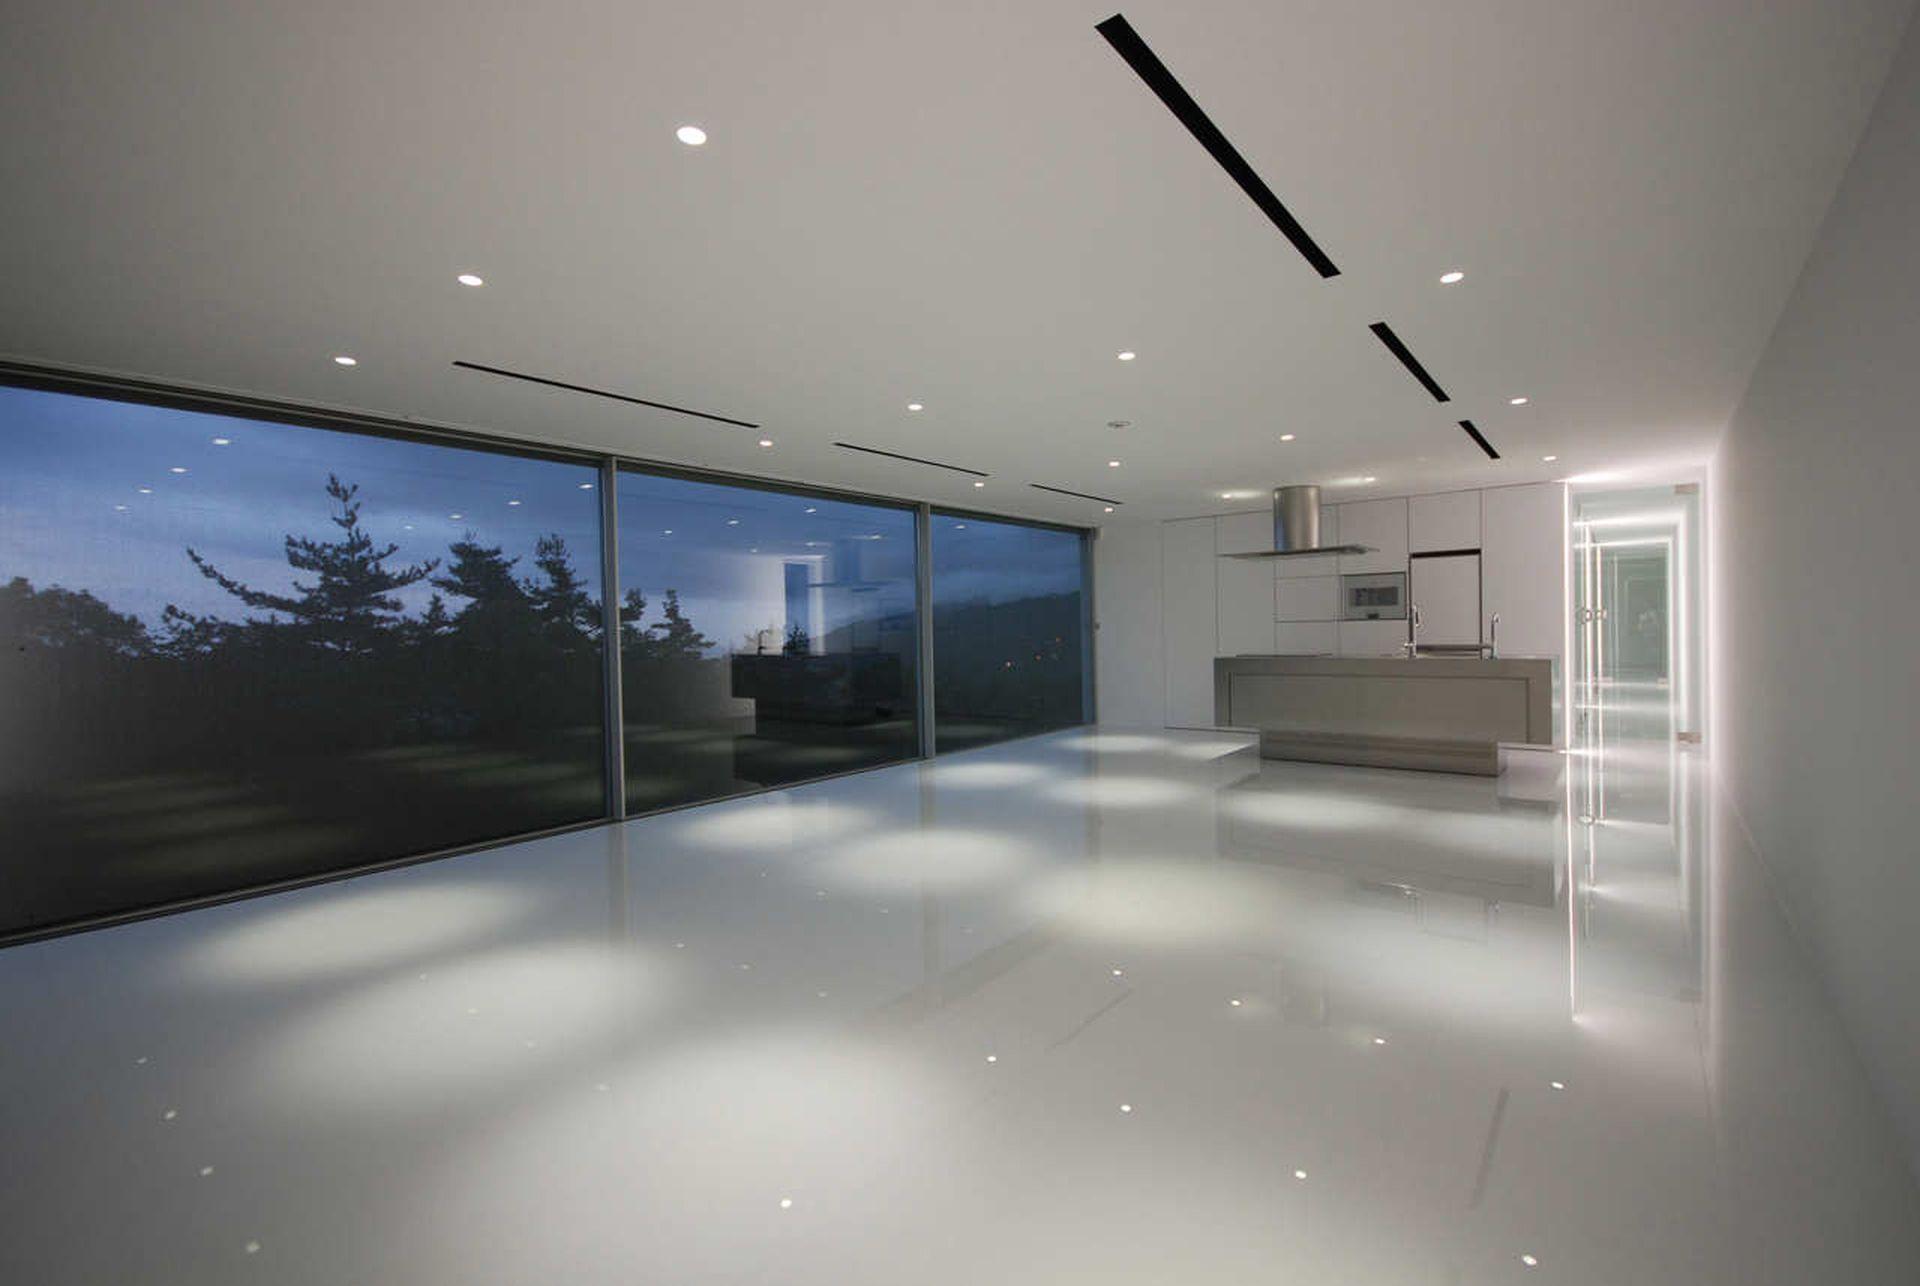 Dzięki minimalistycznym oknom PanoramAH! w M Residence widok za oknem stał się częścią wystroju wnętrza